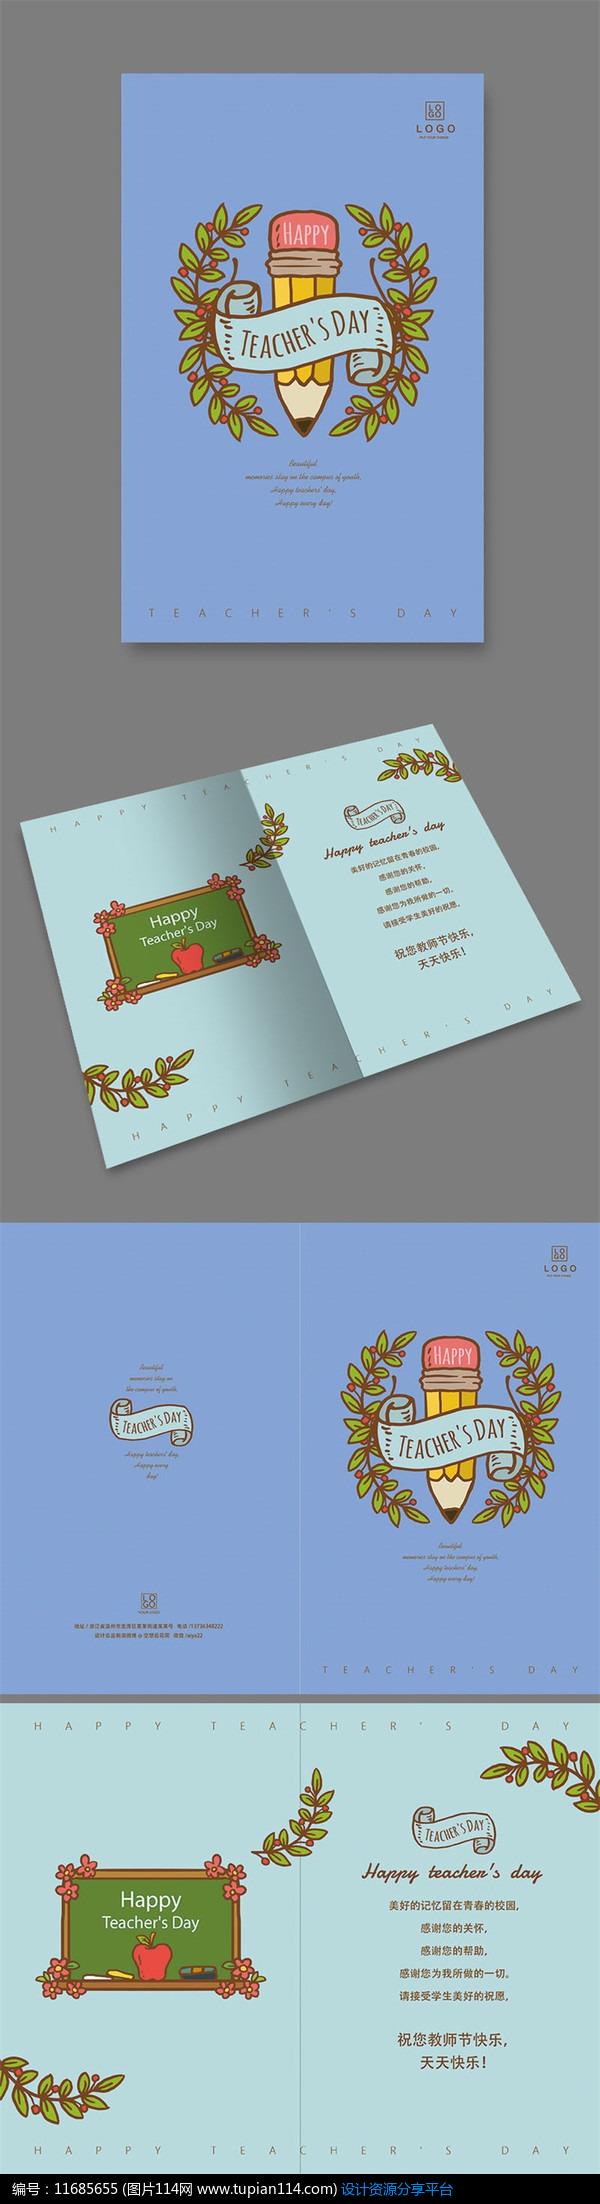 卡通教师节贺卡设计模板免费下载_教师节psd_图片114